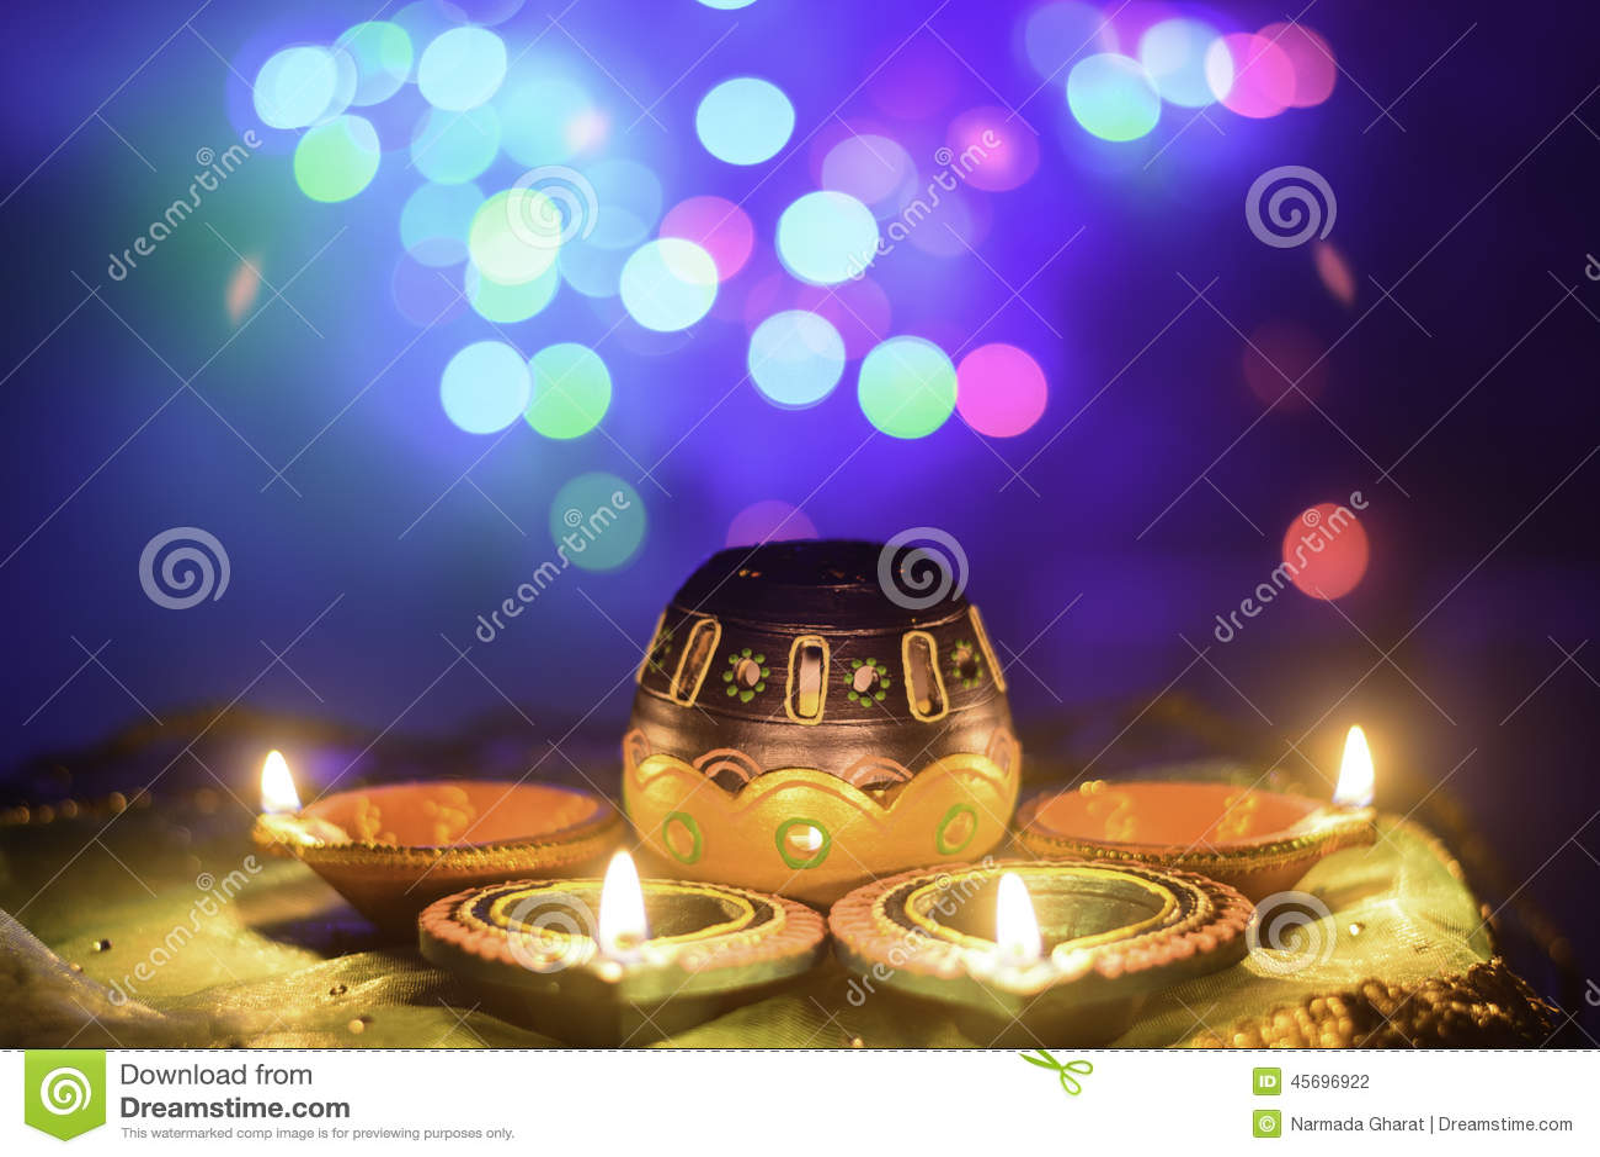 indische festival diwali l lampen dekoration stockfoto. Black Bedroom Furniture Sets. Home Design Ideas